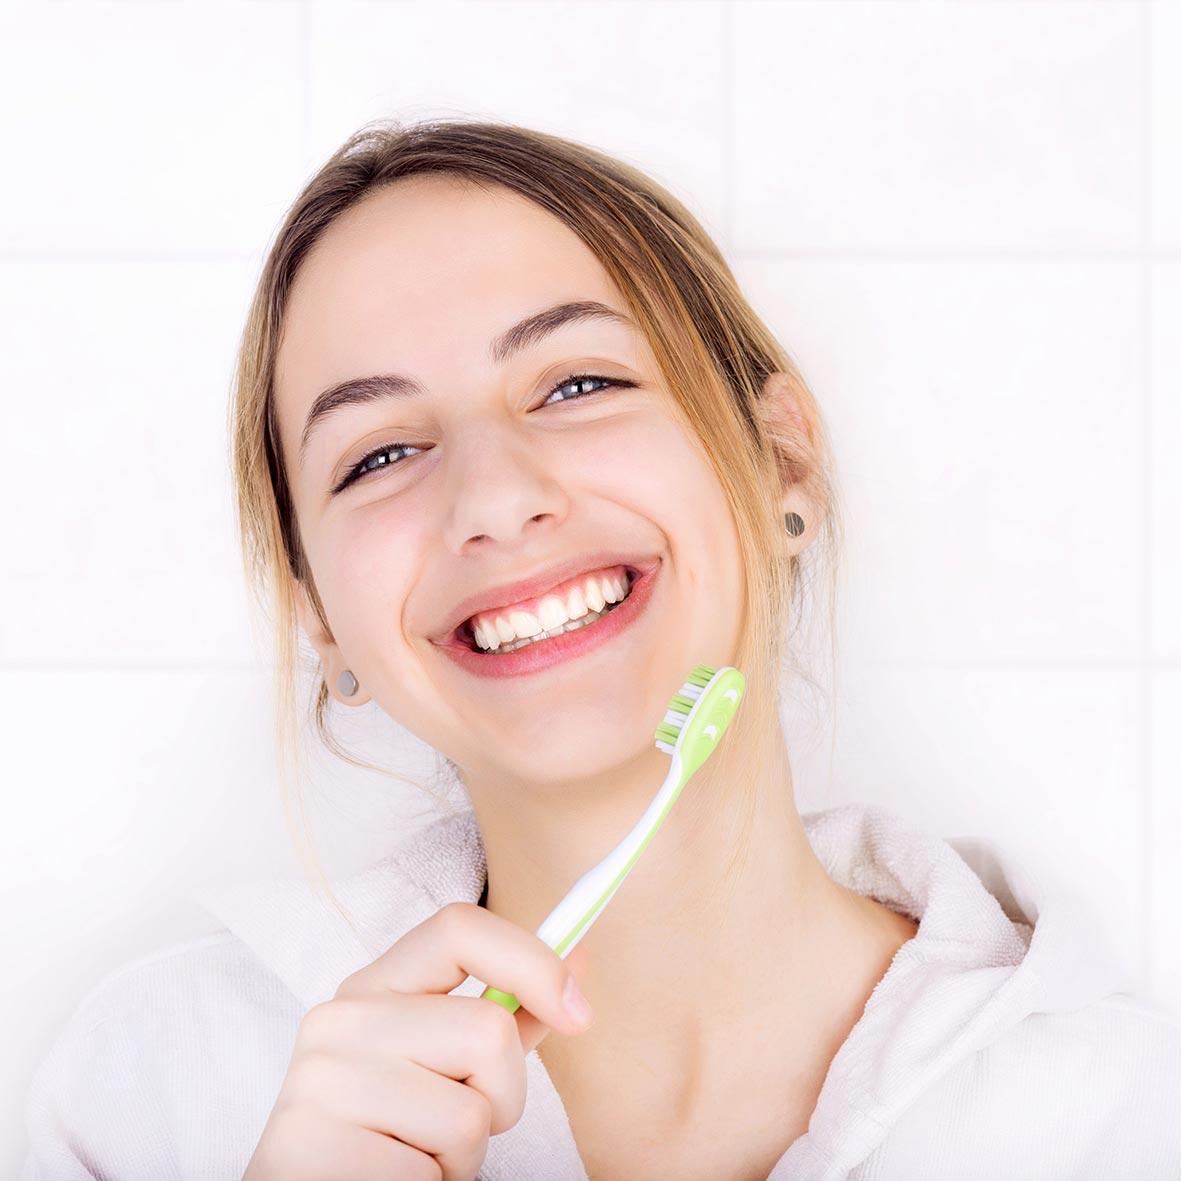 ¿Cómo mantengo los resultados de un blanqueamiento dental?